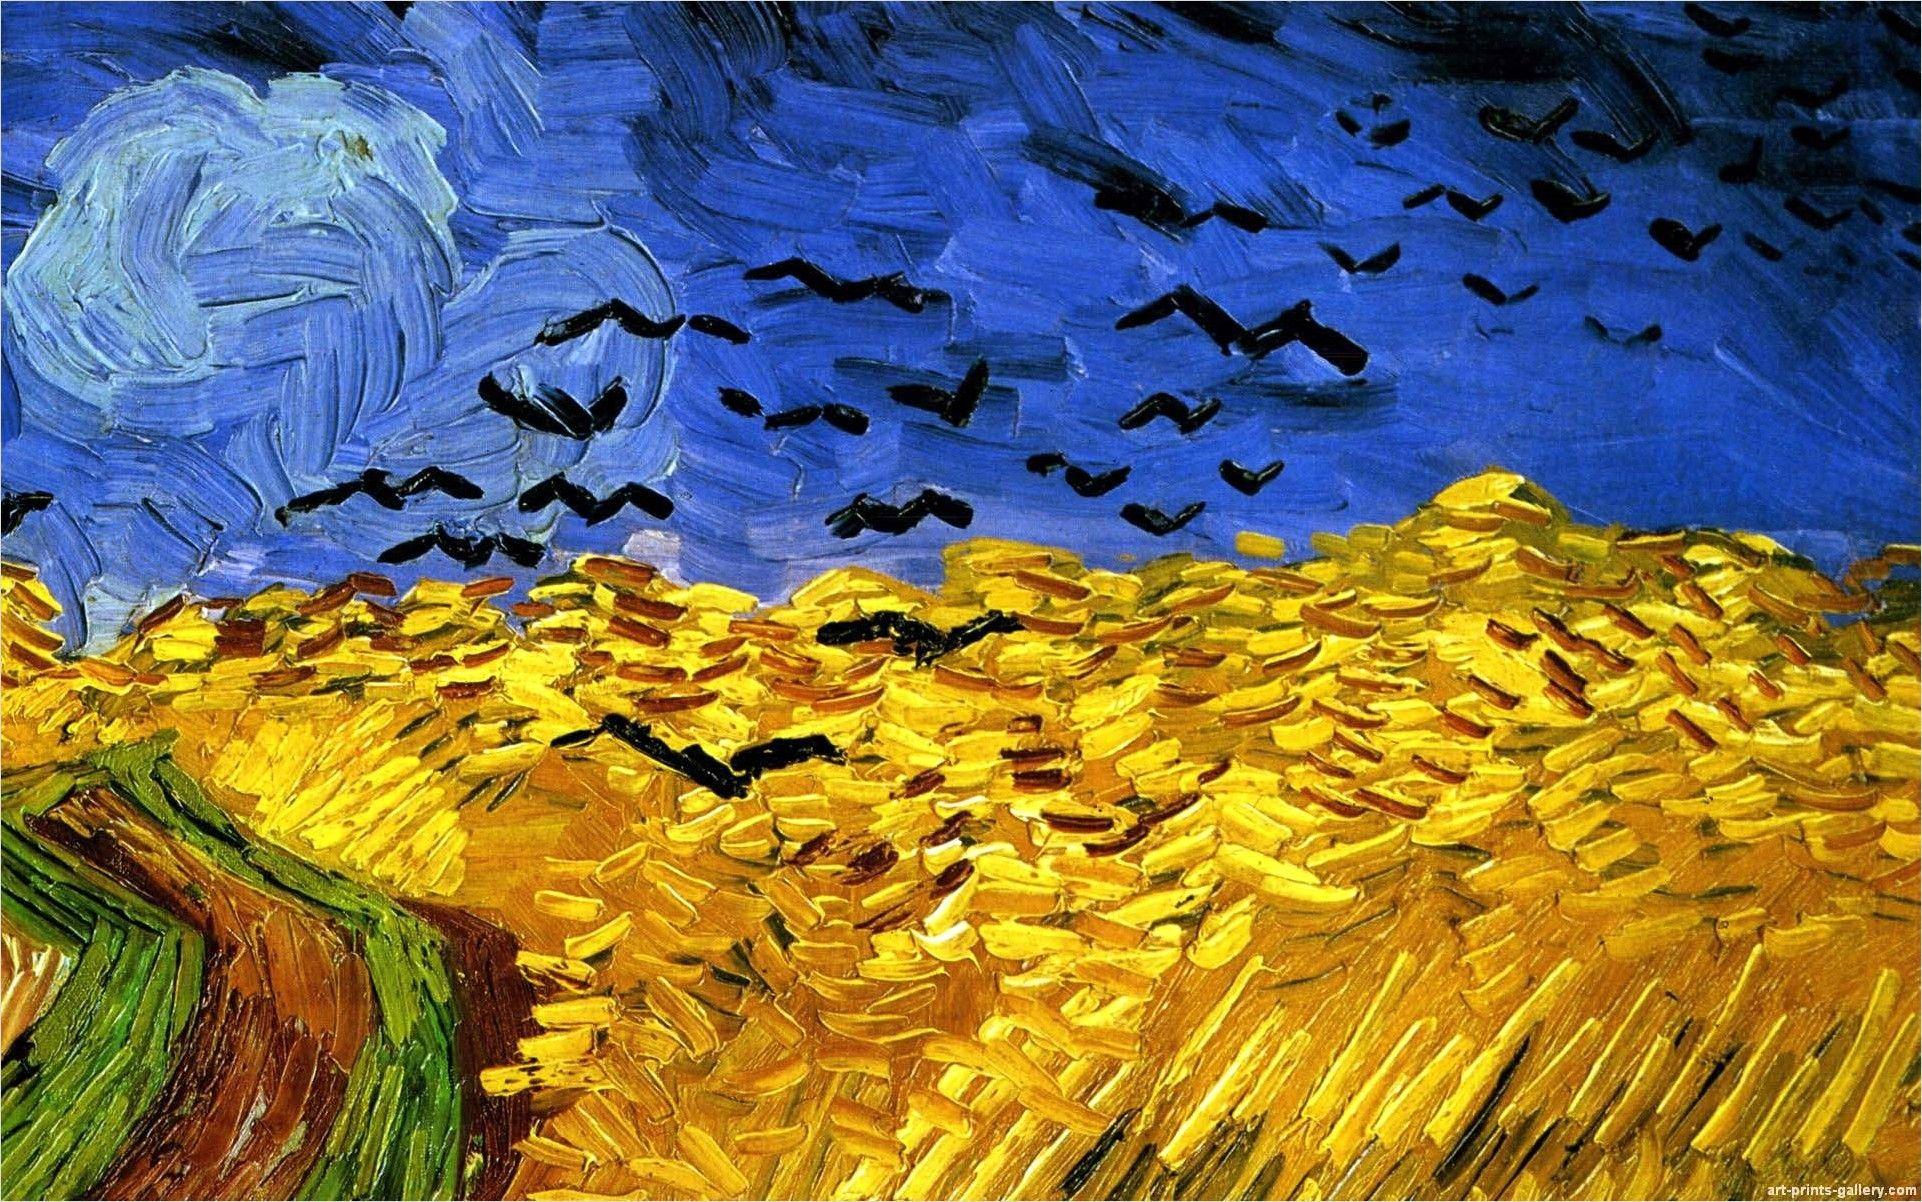 4k Van Gogh Wallpaper In 2021 | Van Gogh Art, Van Gogh Within Most Current Blended Fabric Van Gogh Terrace Wall Hangings (View 12 of 20)